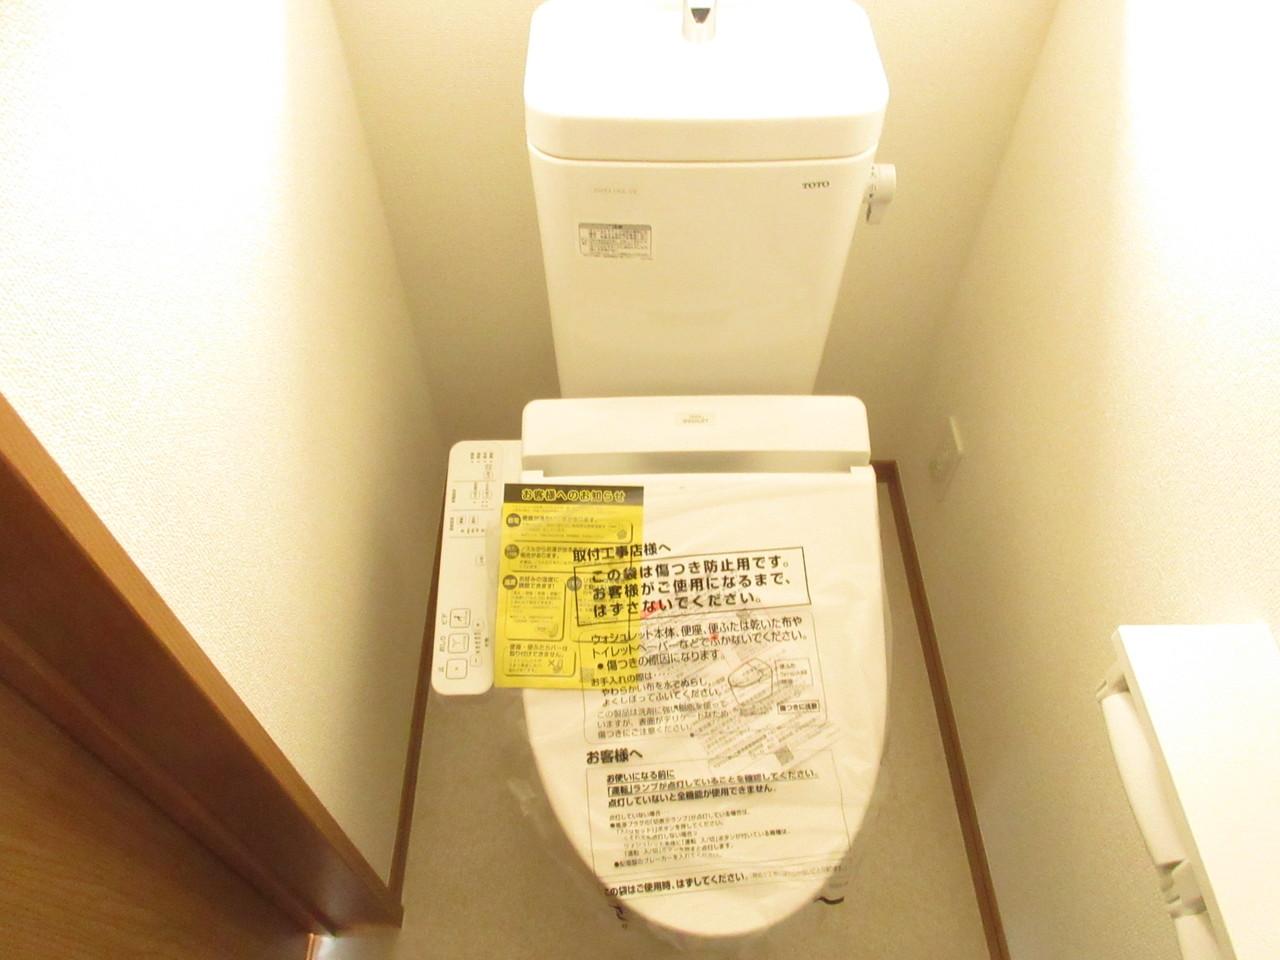 1階、2階どちらのトイレも小窓つきで明るく、換気もできます◎棚に小物を飾ると華やかになりそうです♪